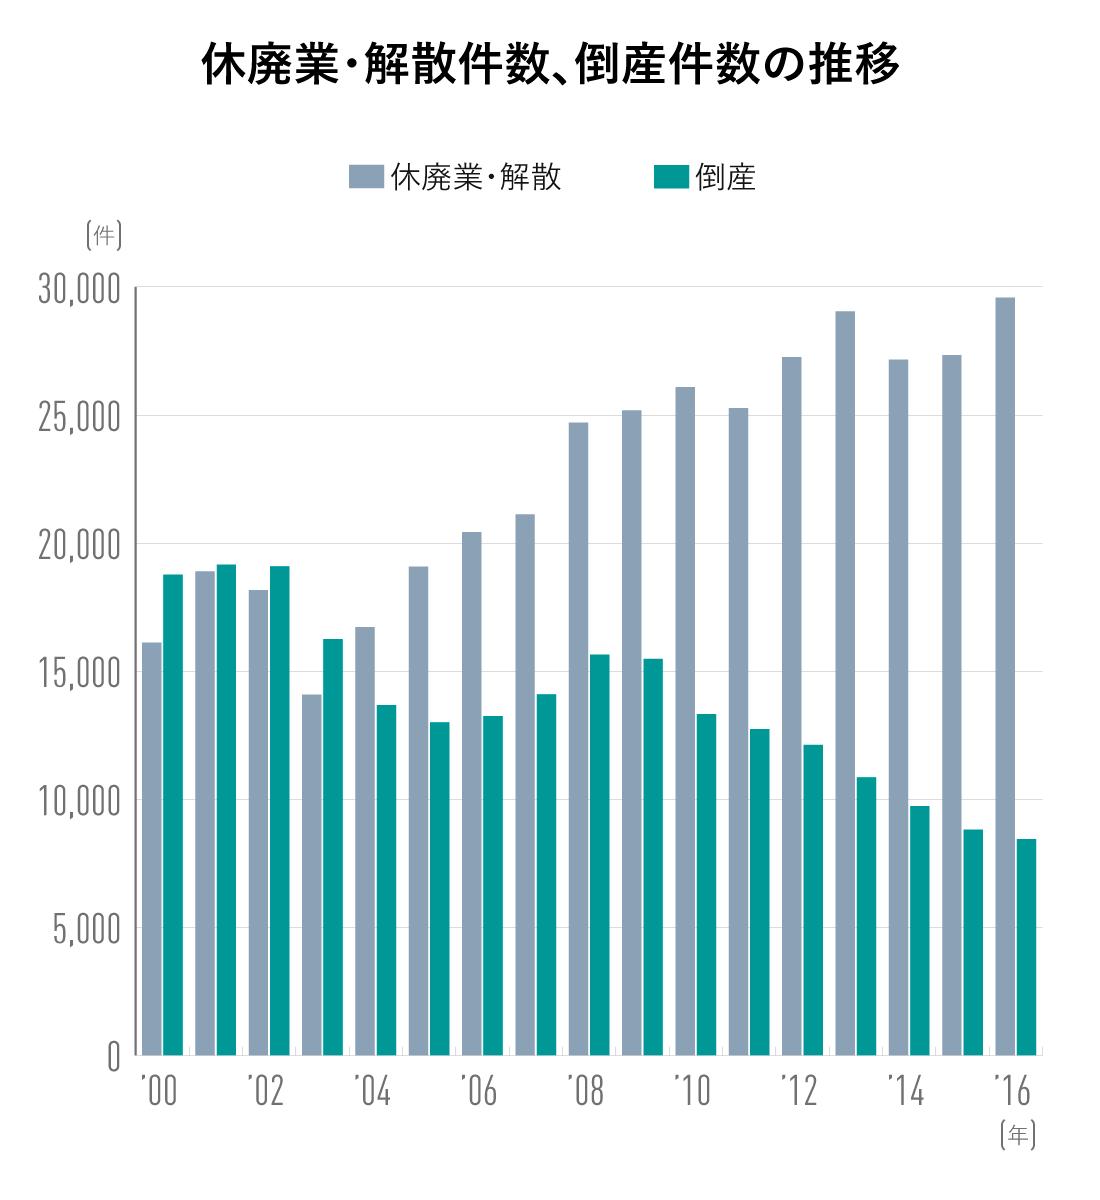 休廃業・解散件数・倒産件数の推移